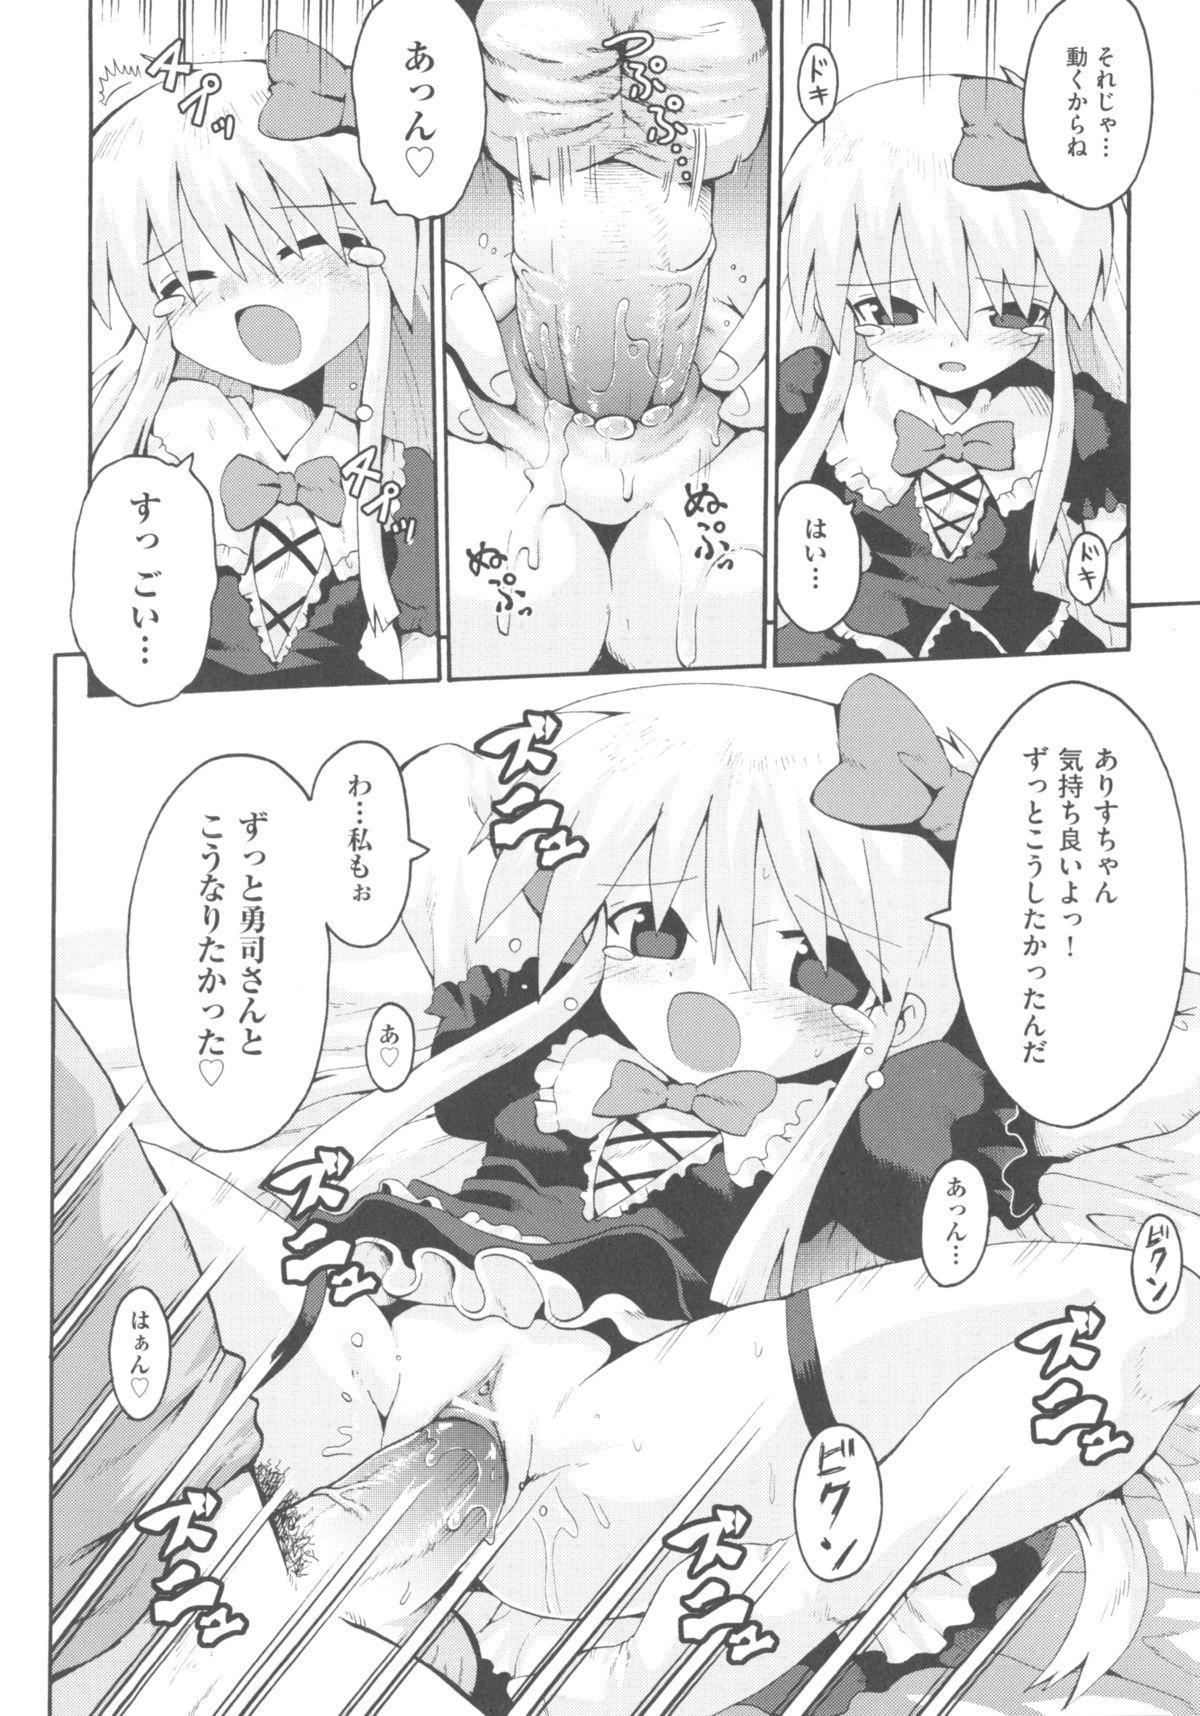 Comic Ino. 04 47